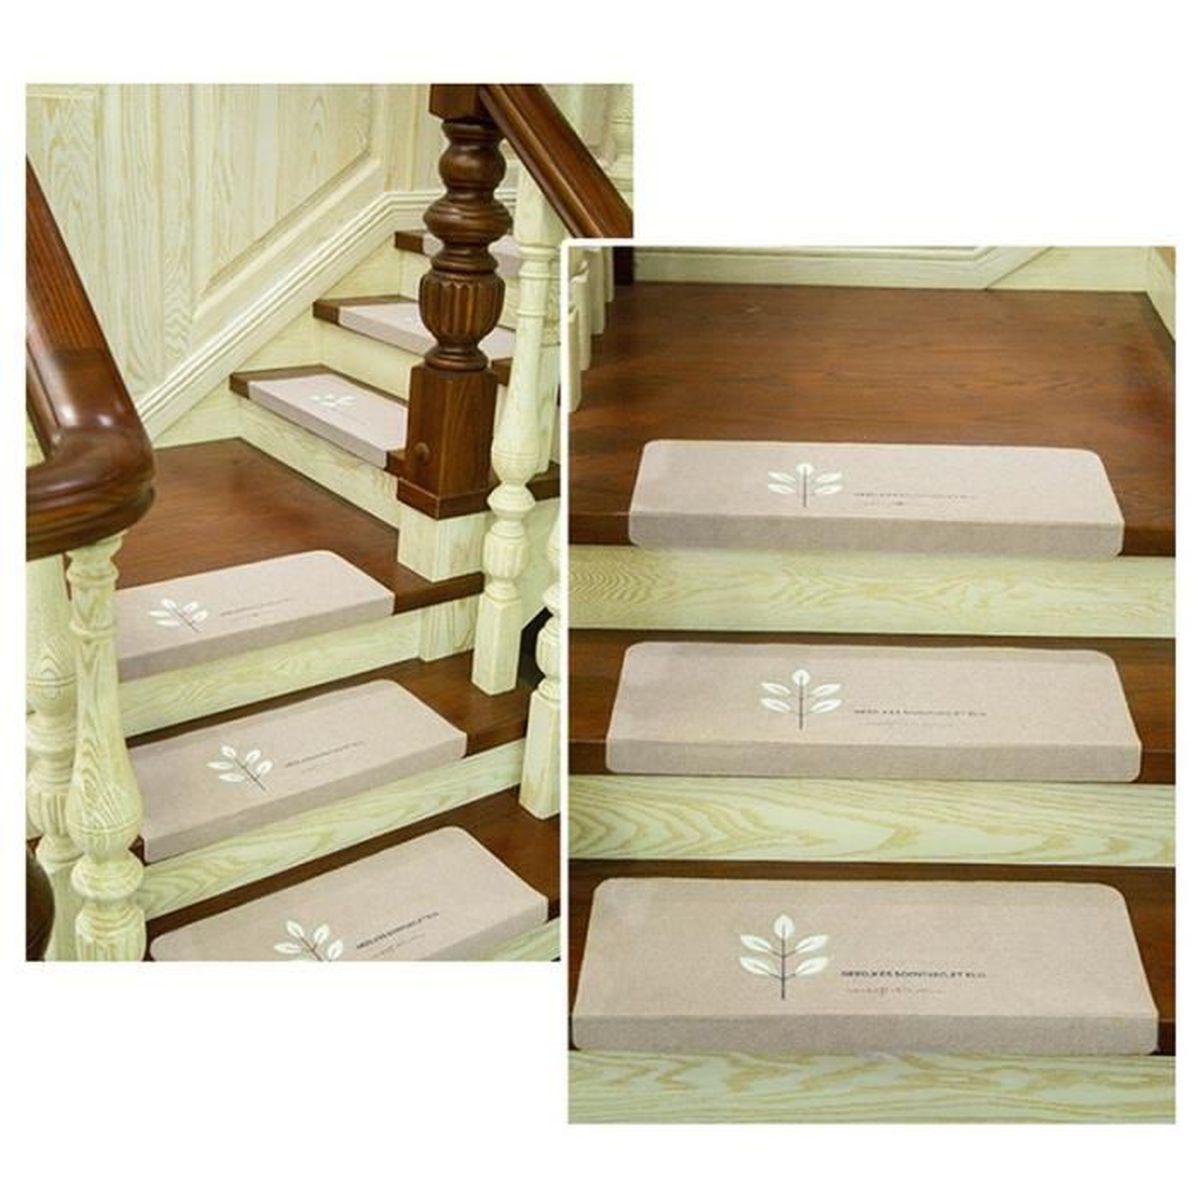 Antidérapant Pour Escalier En Bois lot de 5 tapis d'escalier marches,auto-adhésif lumineux